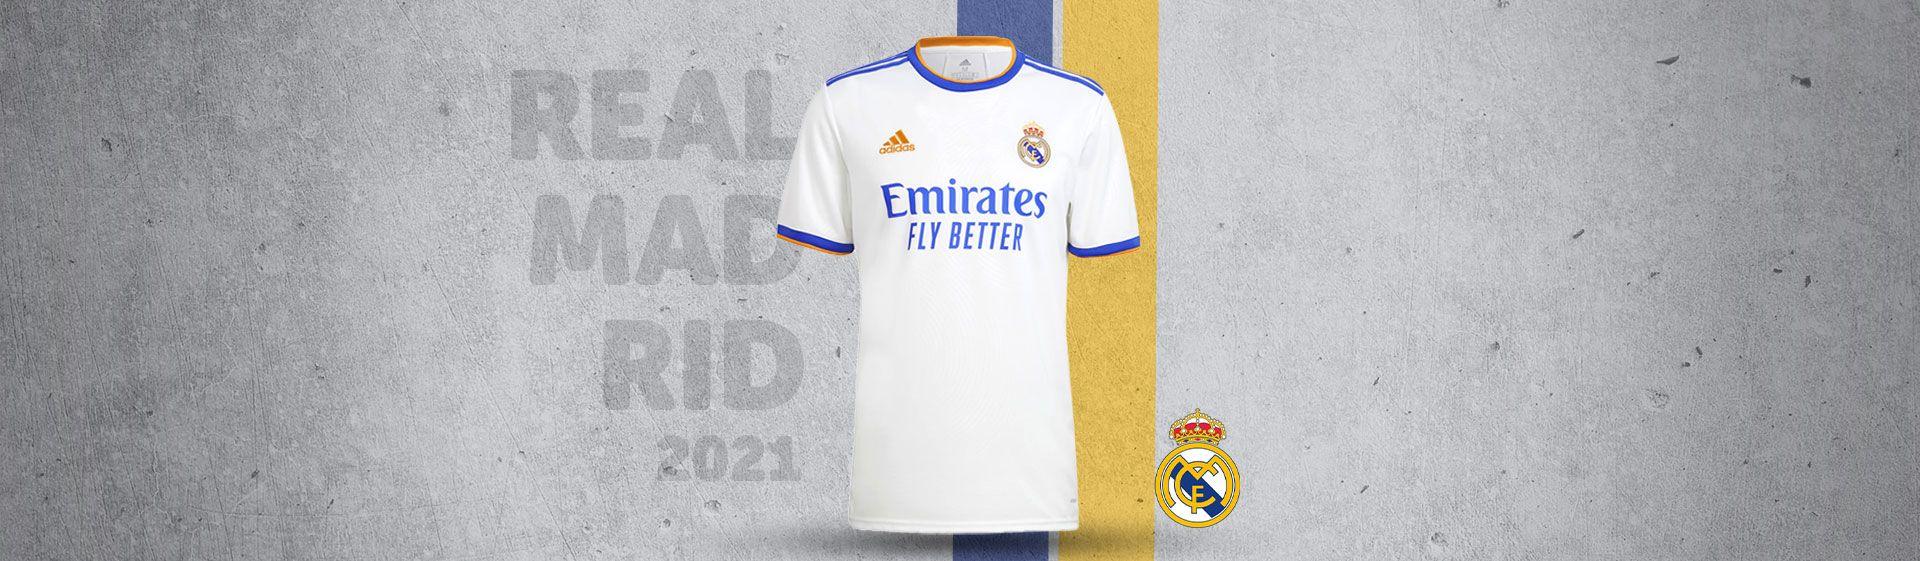 Camisa do Real Madrid: camisas do Real Madrid para comprar em 2021